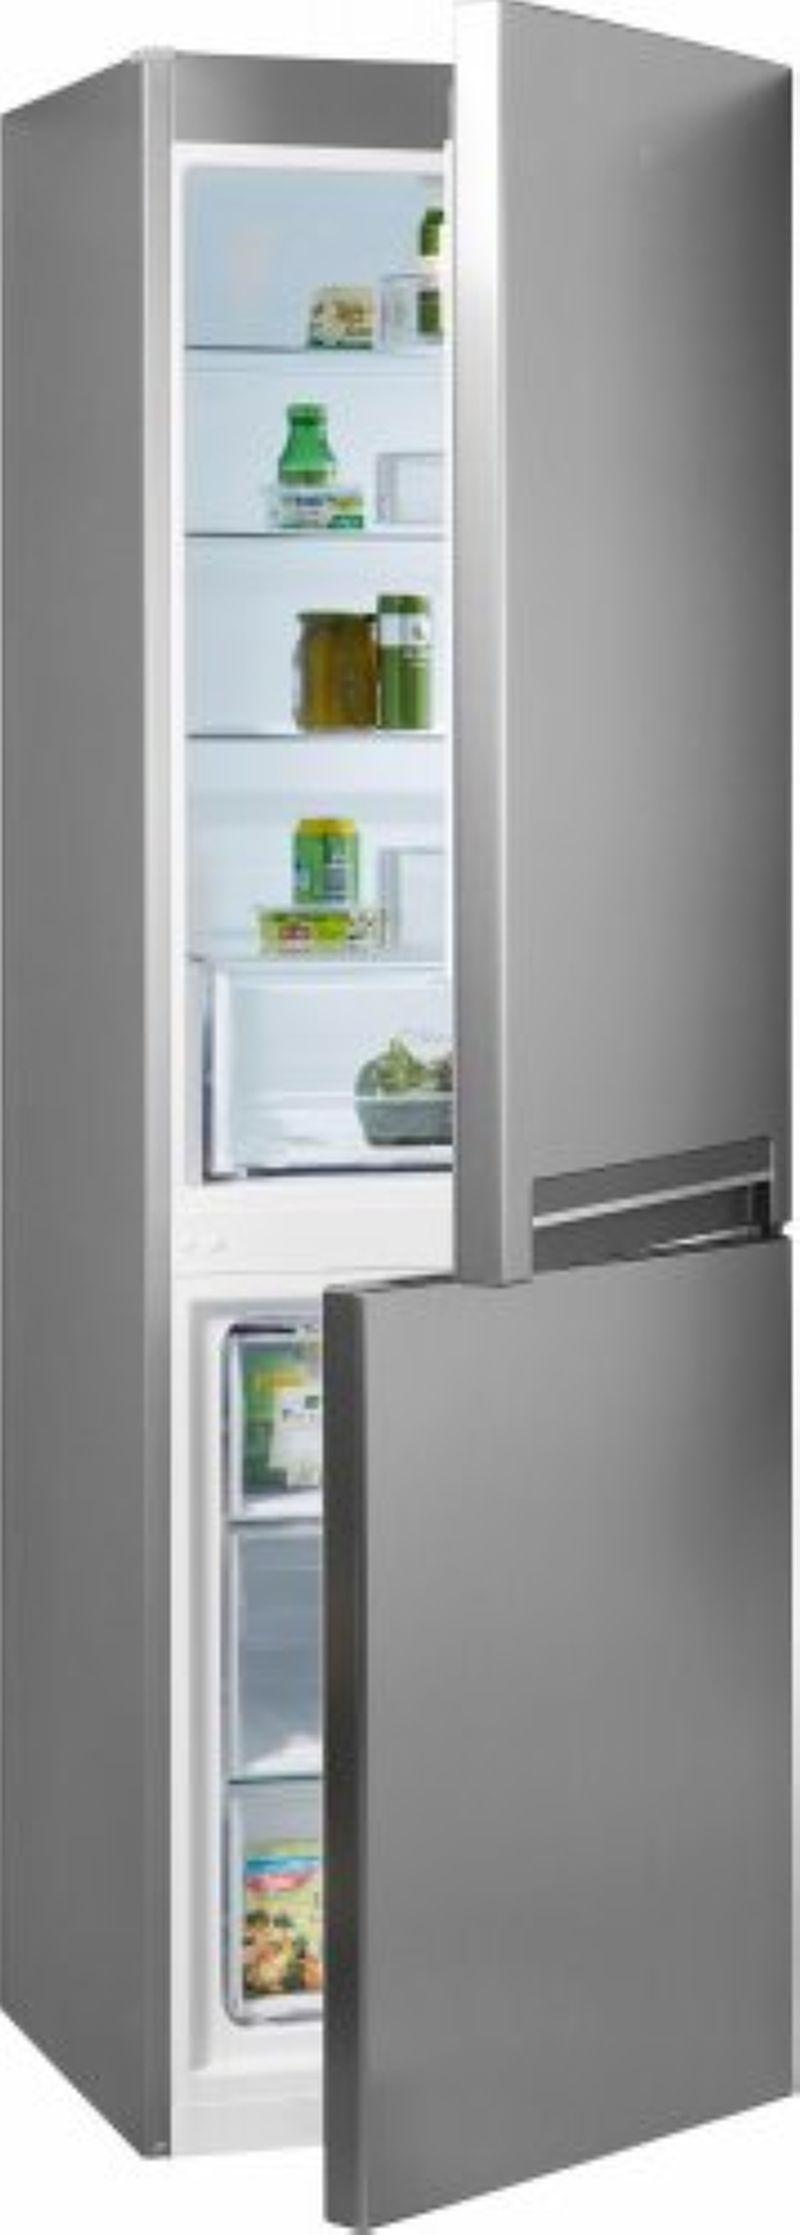 Bauknecht KG 335 A++ kombi hűtő